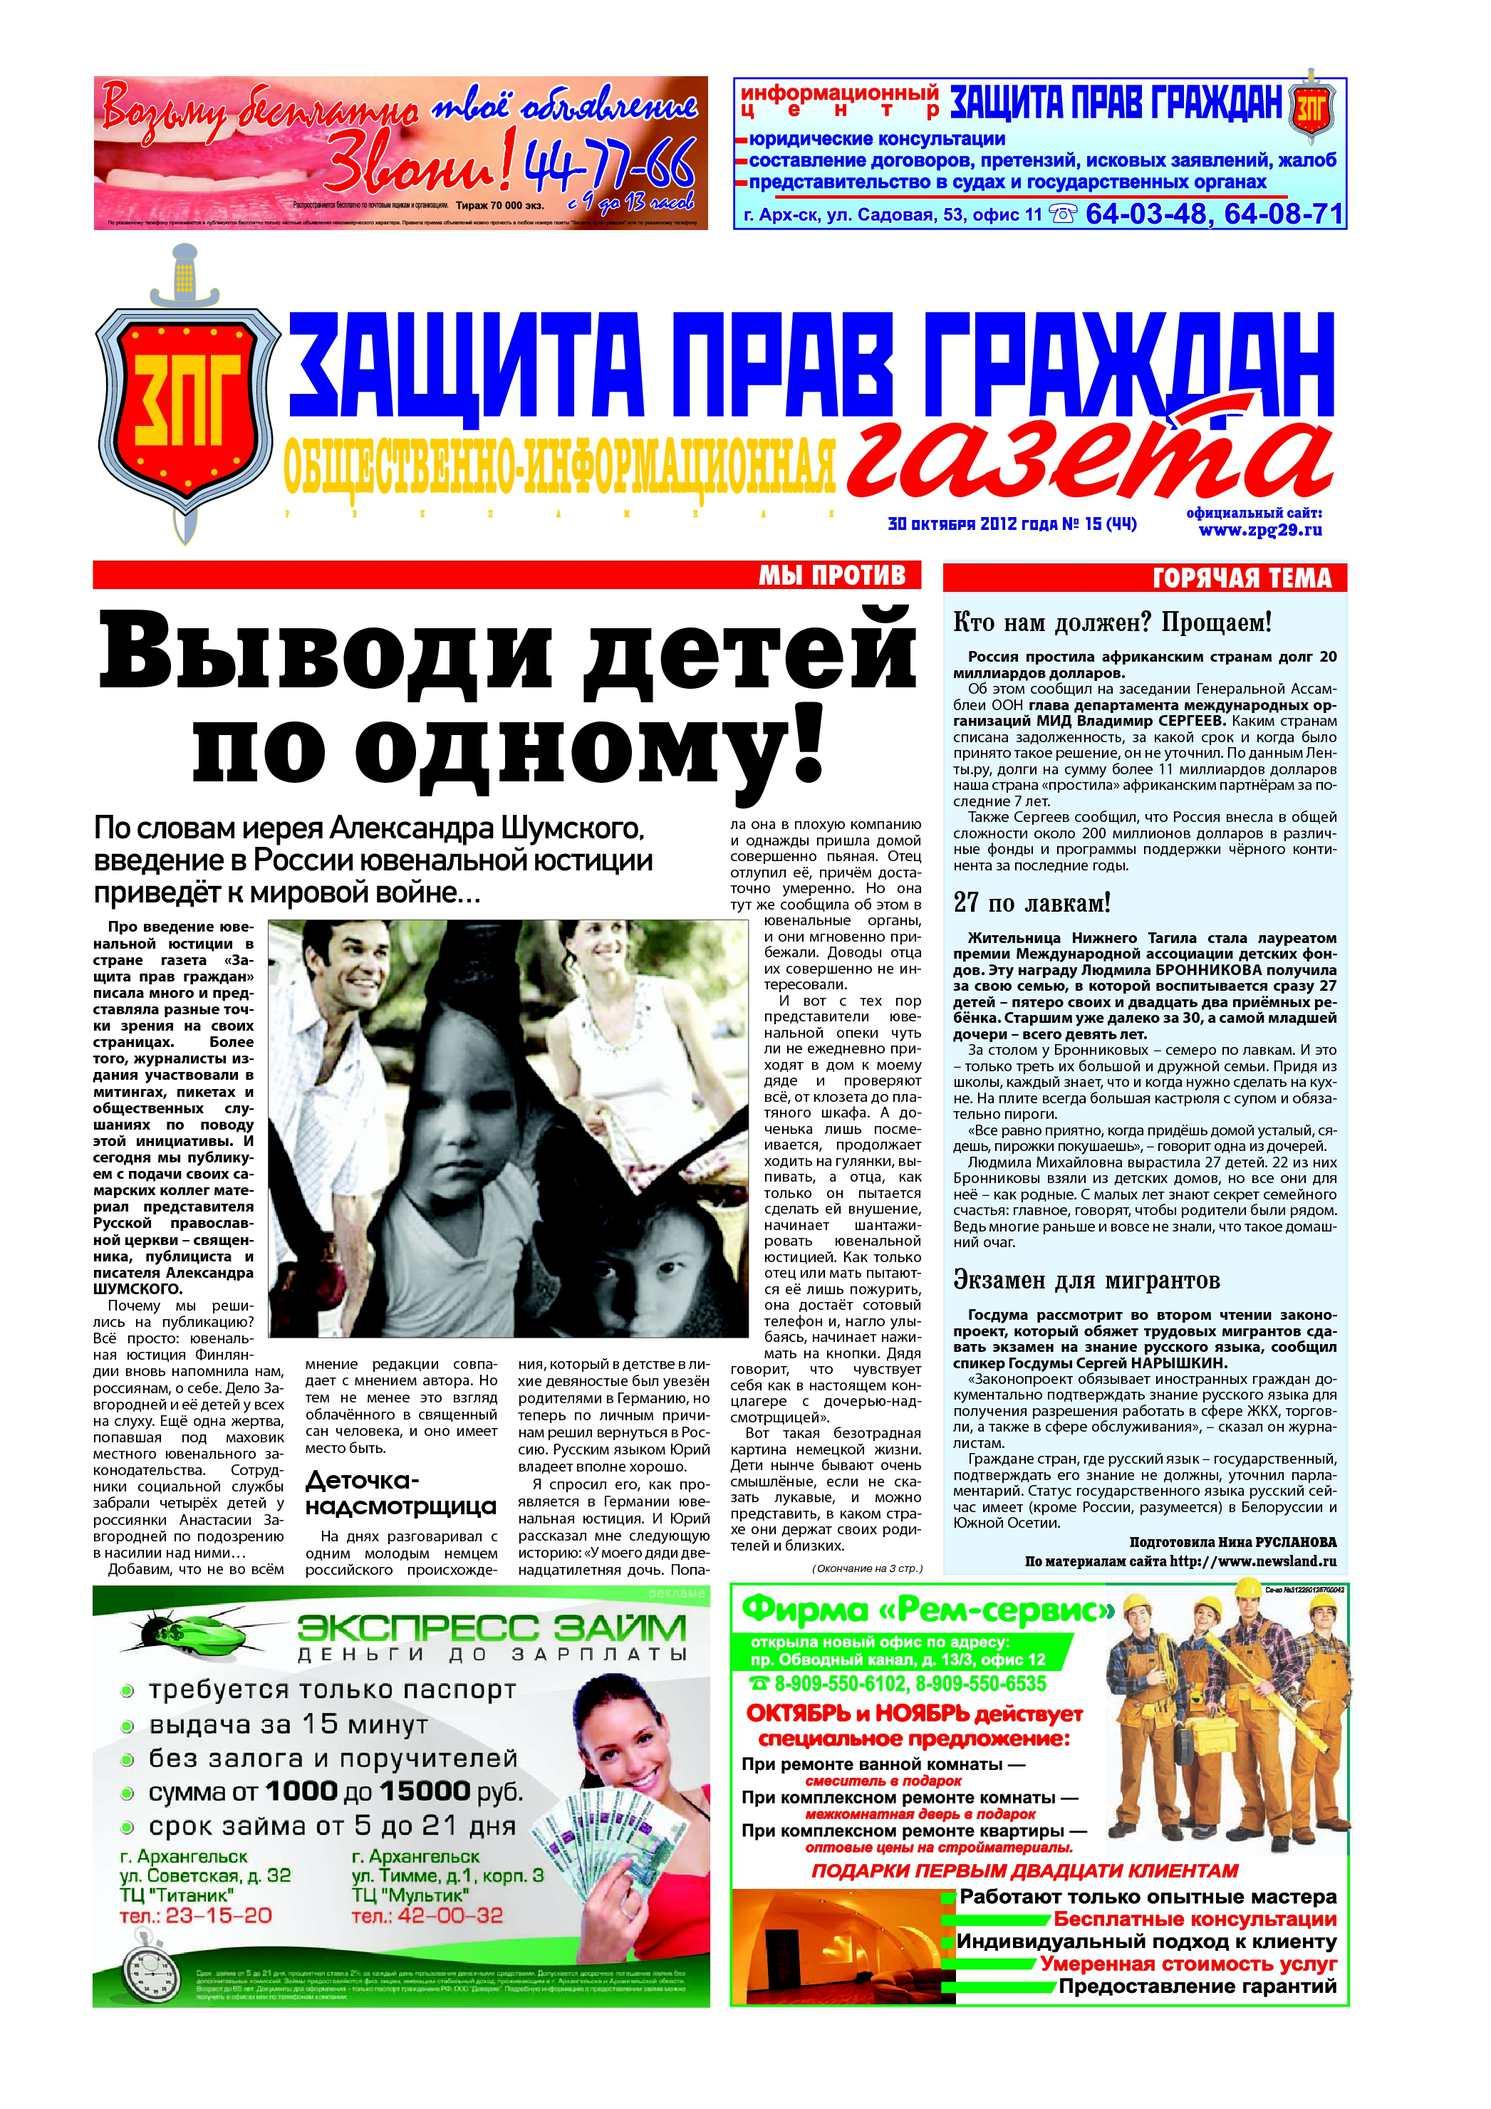 goryachaya-gulyanka-v-ofise-fotograf-lesbi-onlayn